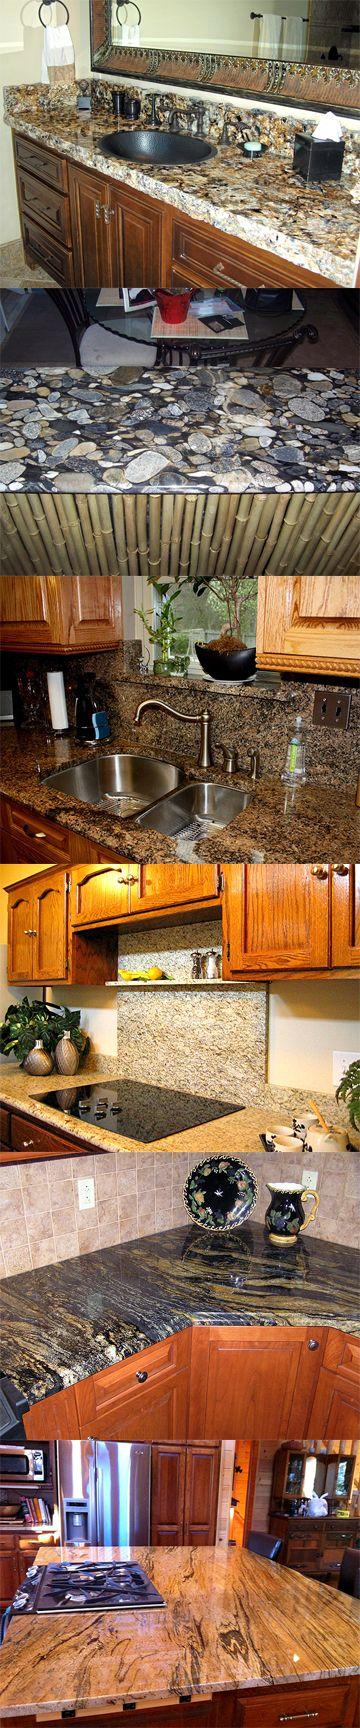 Types of granite countertops